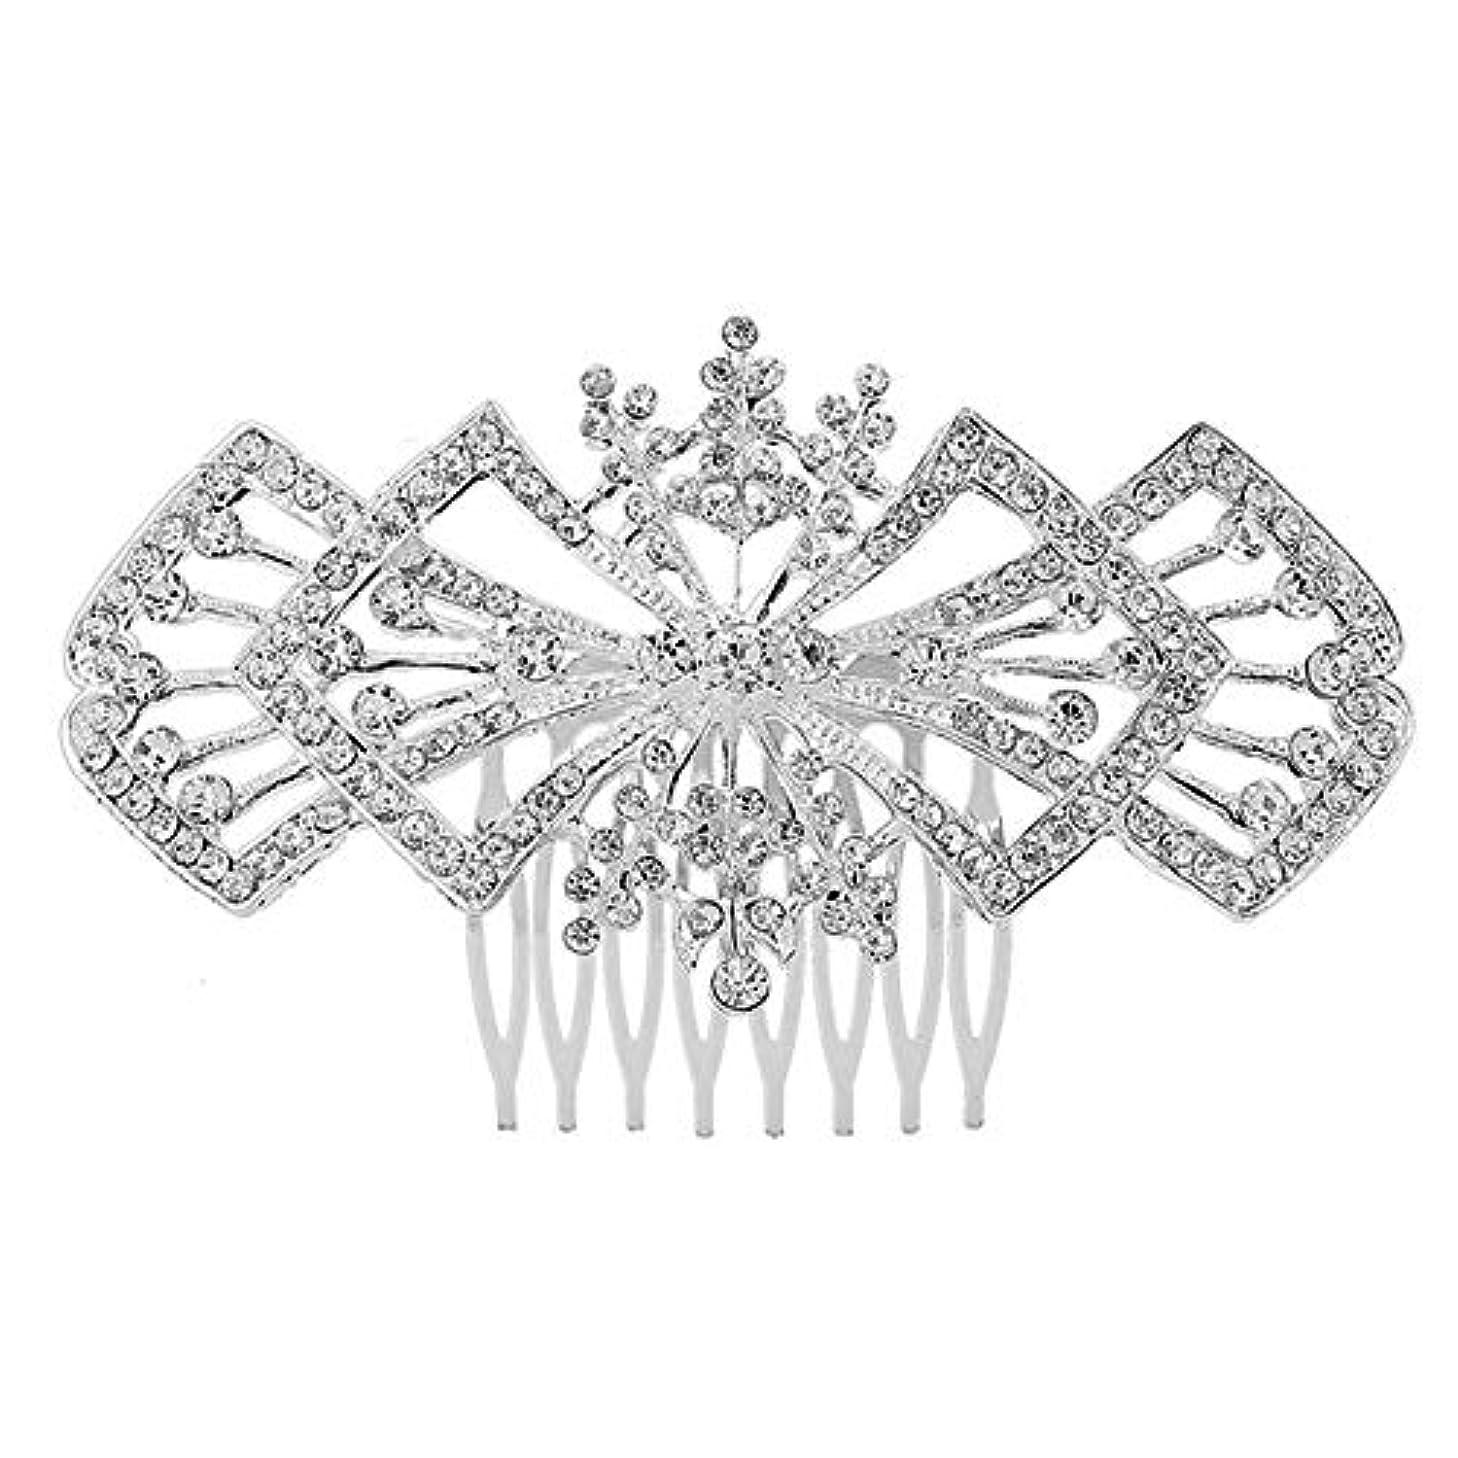 不当アンデス山脈不健全髪の櫛の櫛の櫛の花嫁の髪の櫛の花の髪の櫛のラインストーンの挿入物の櫛の合金の帽子の結婚式の宝石類